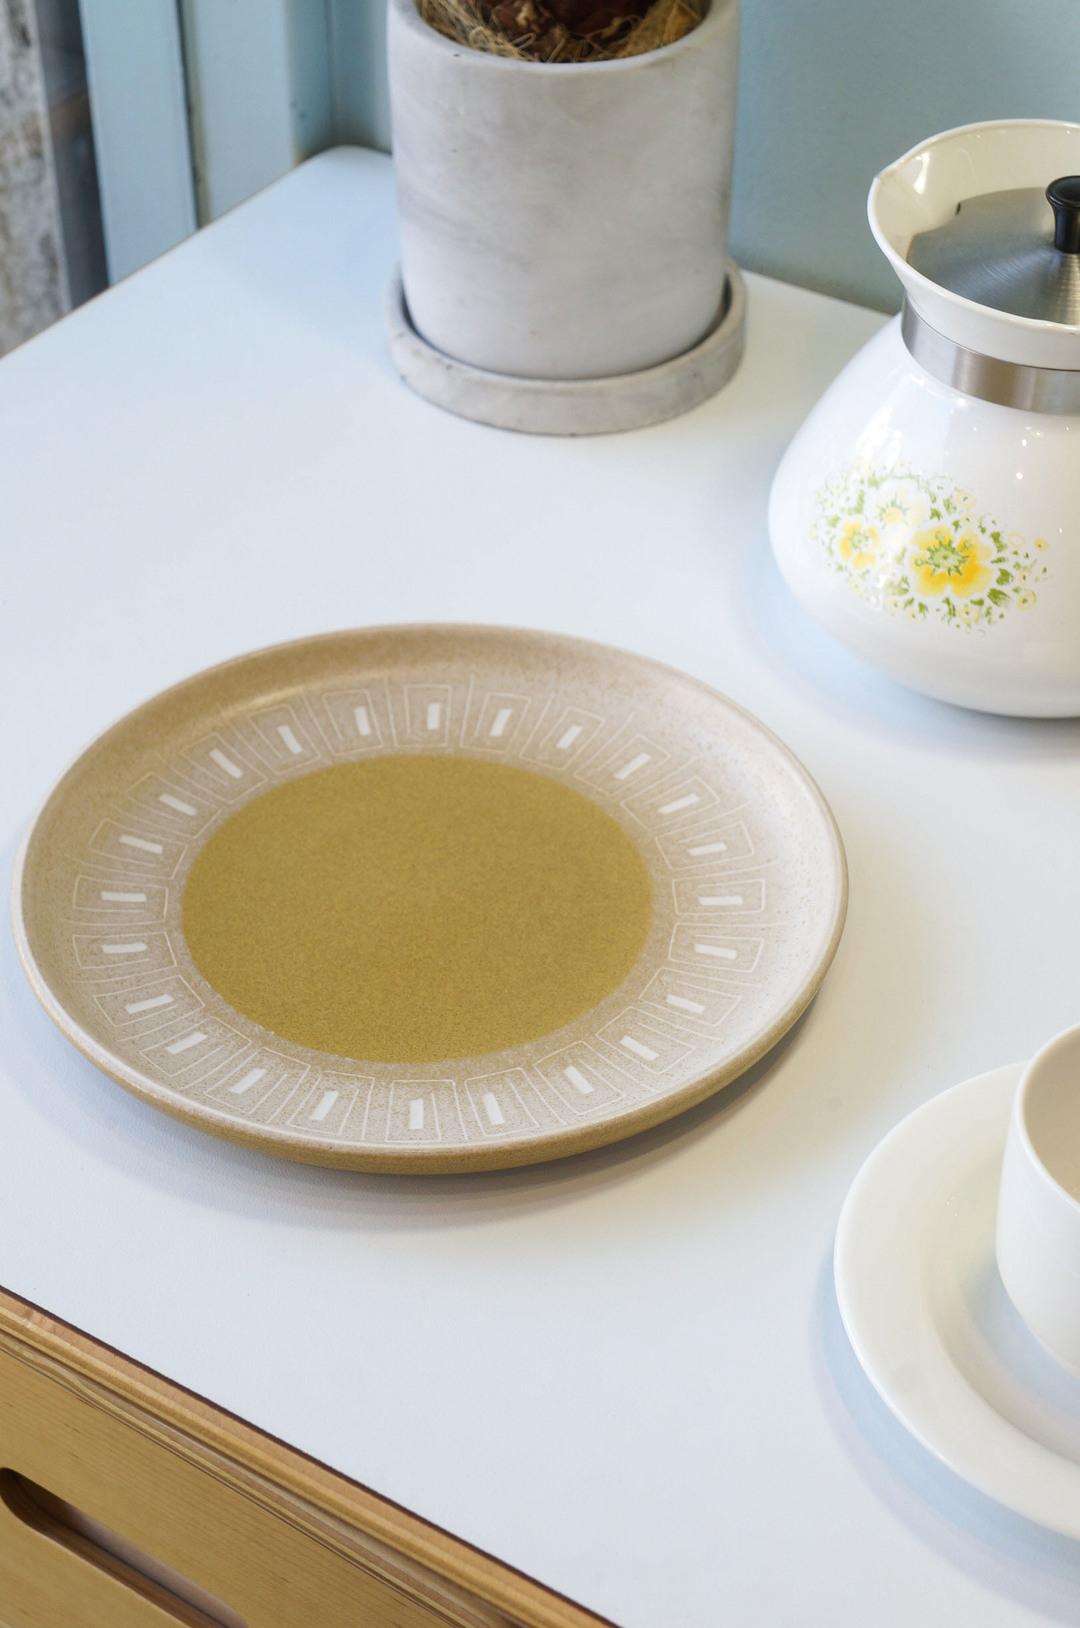 UK Vintage Denby ODE Plate Small/イギリスヴィンテージ デンビー オード プレート 皿 ストーンウェア 食器 小 1